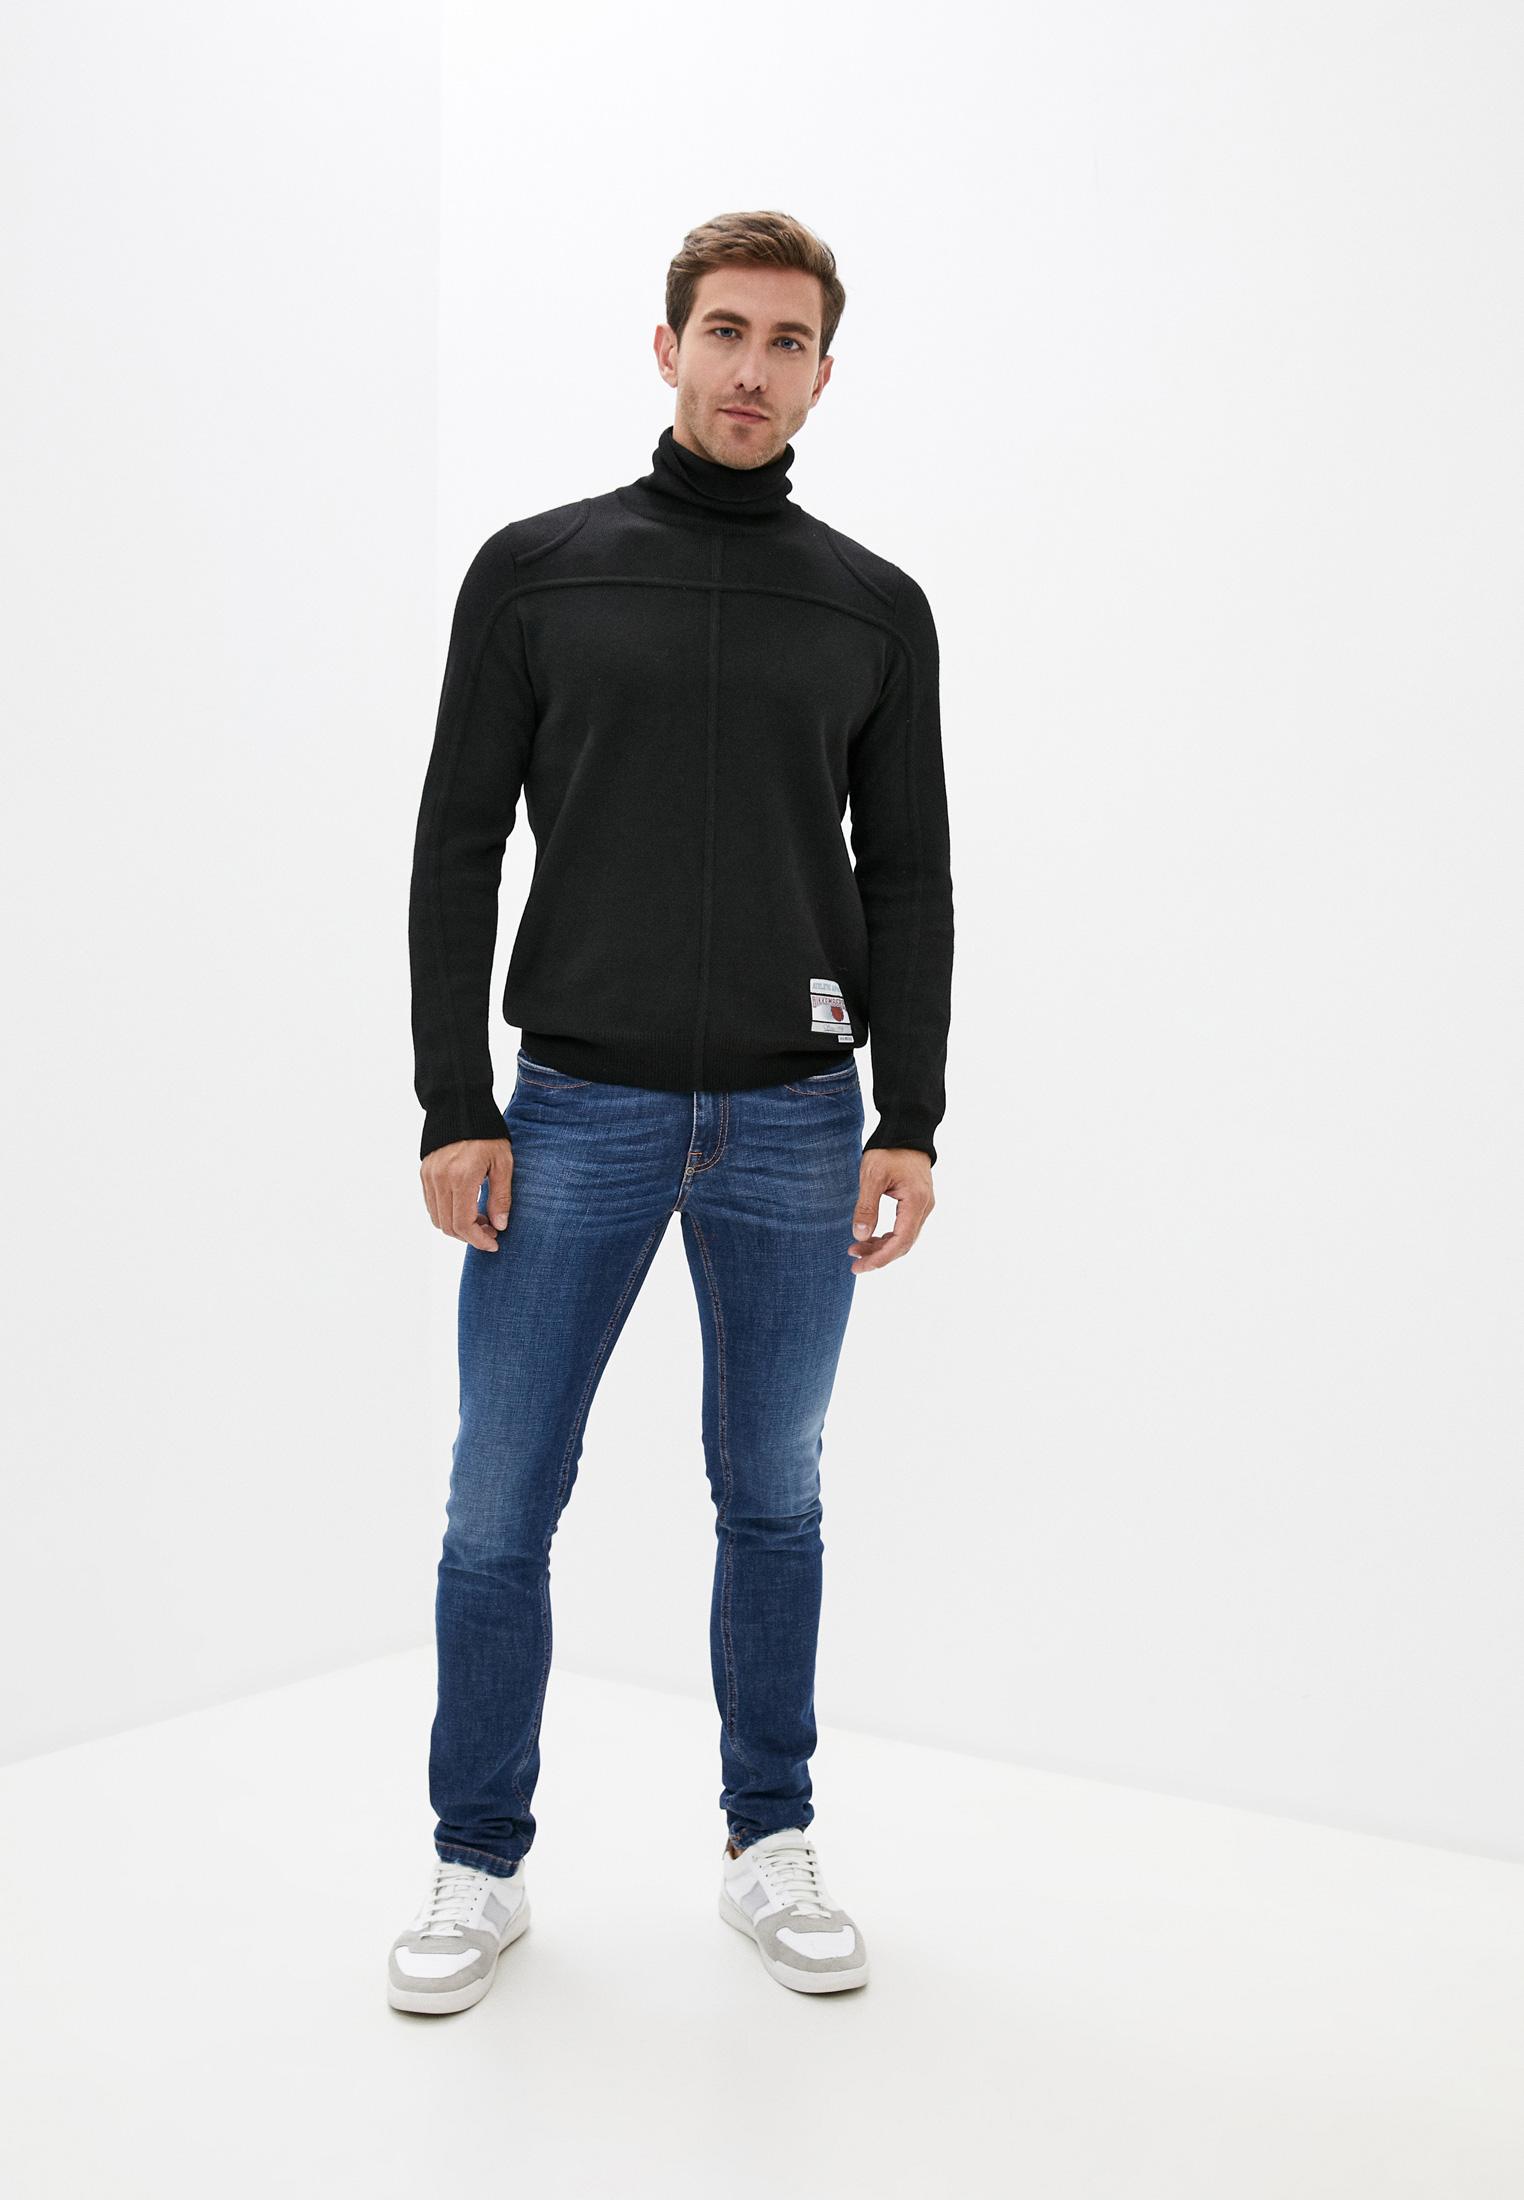 Мужские зауженные джинсы Bikkembergs (Биккембергс) C Q 101 05 S 3393: изображение 3